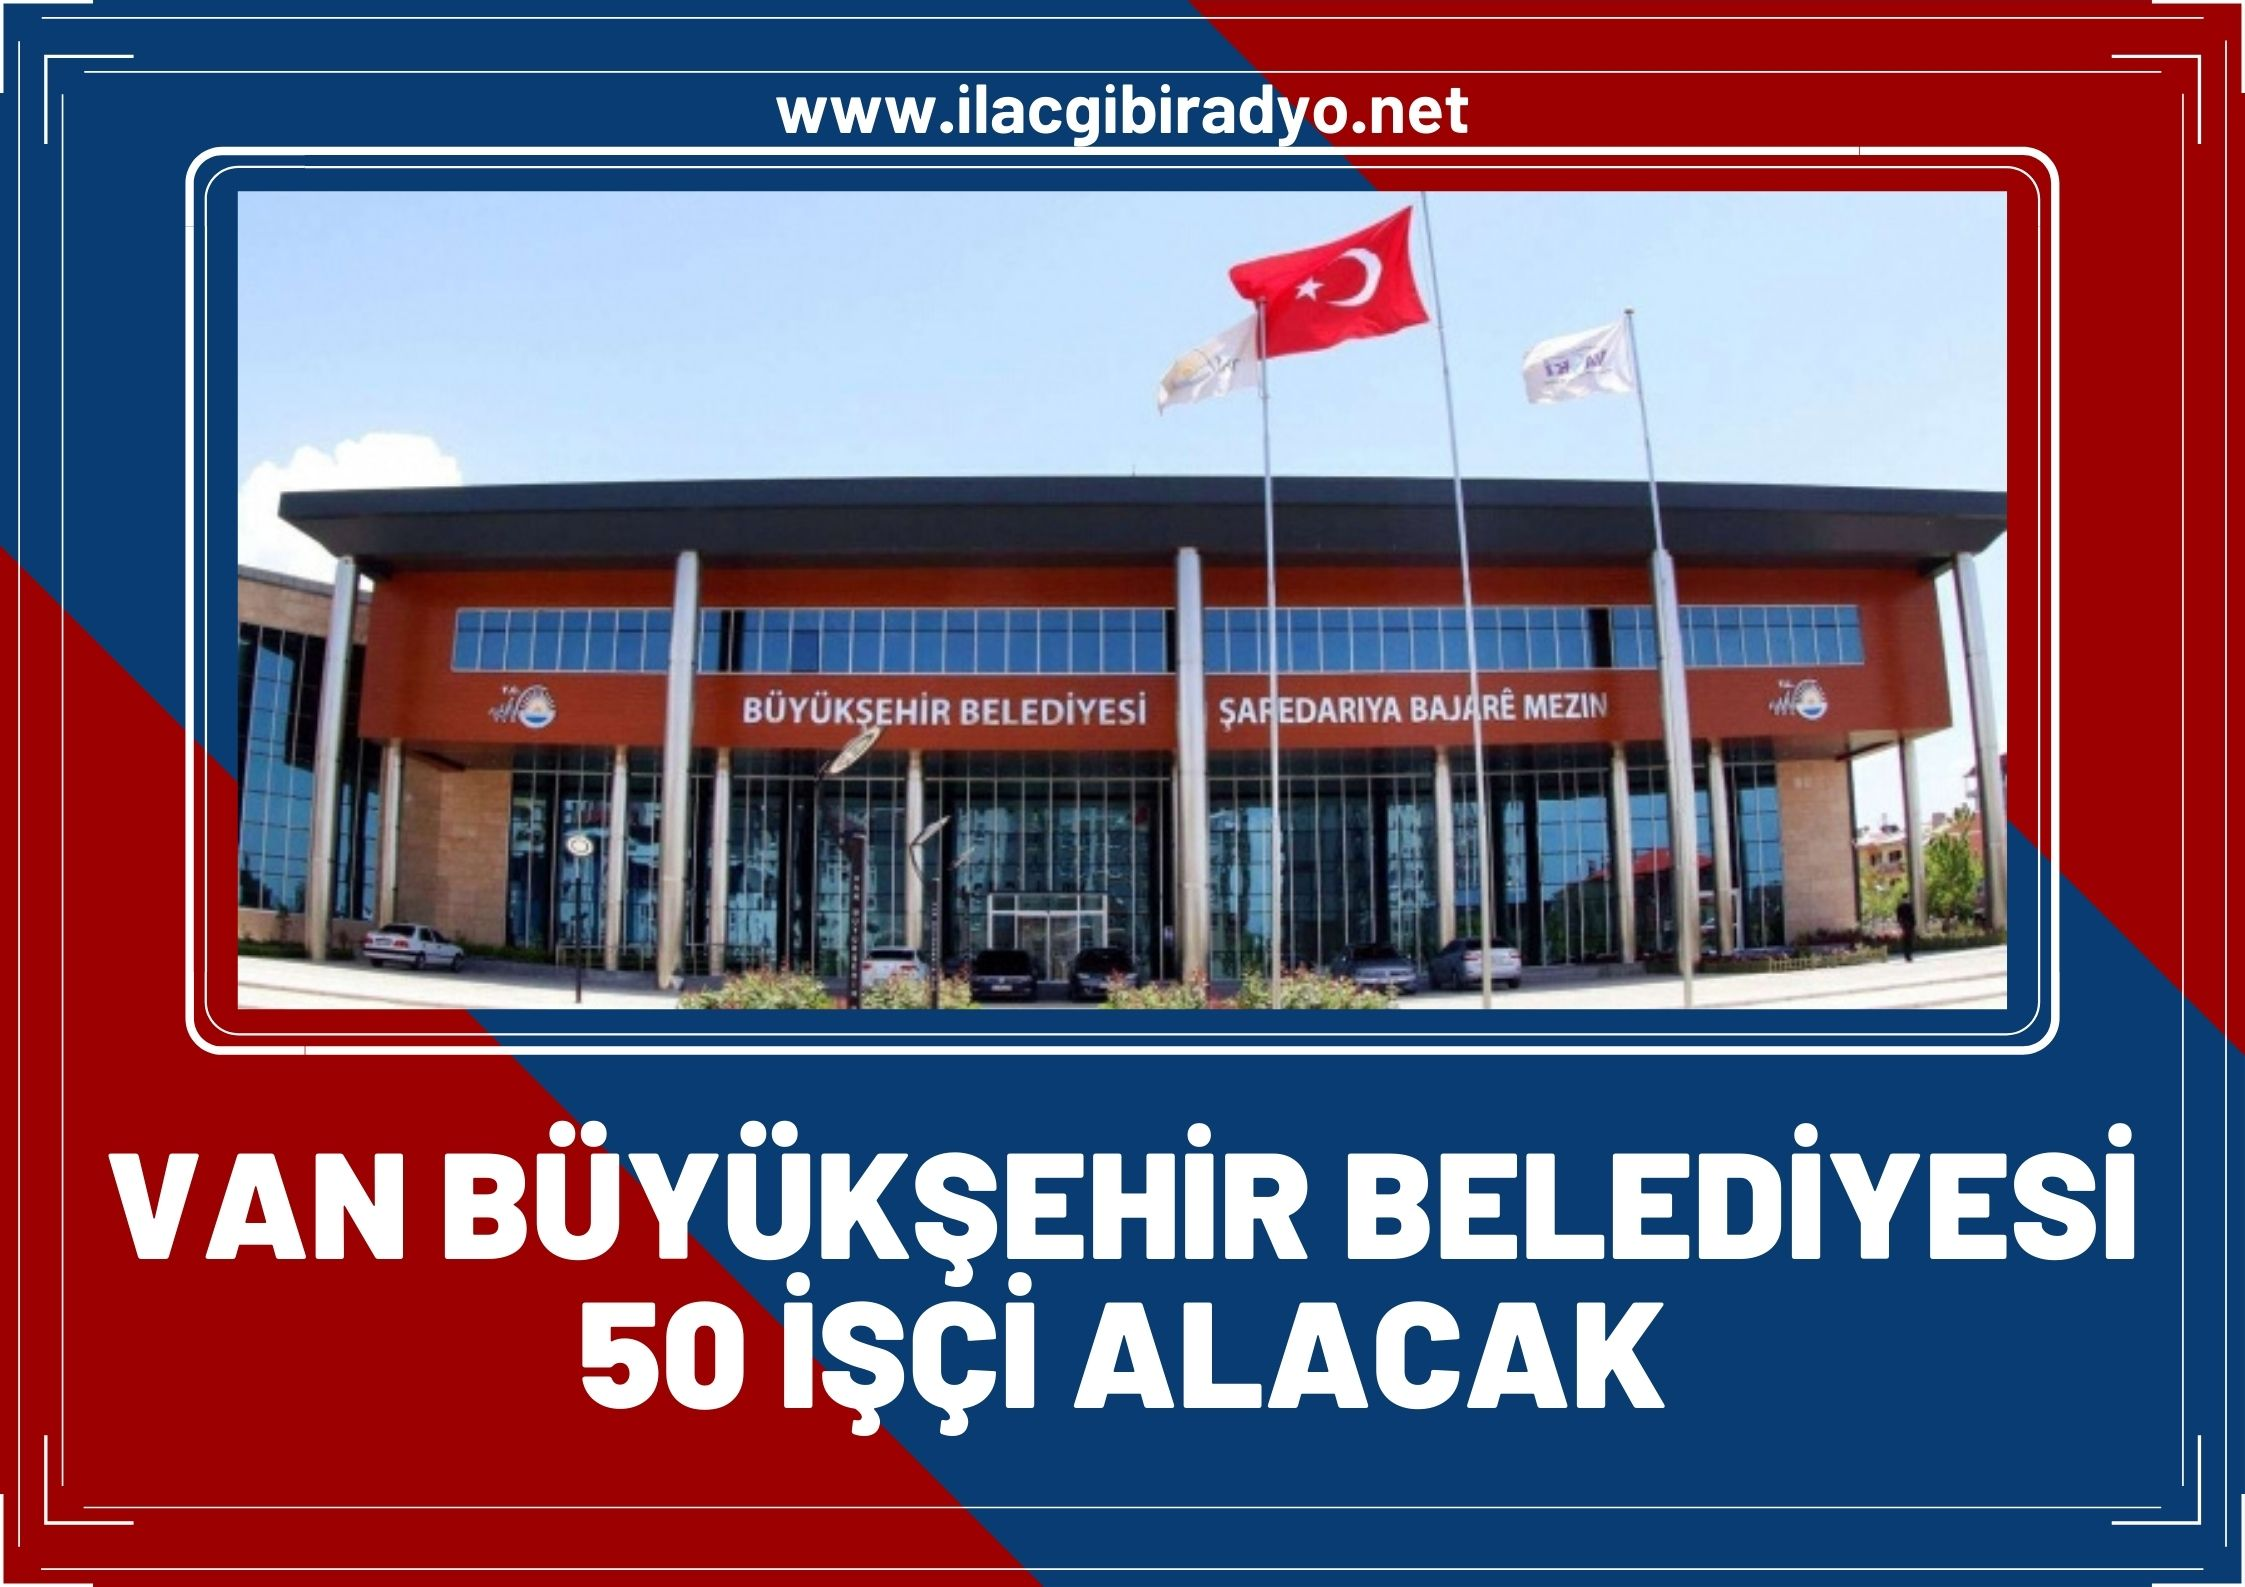 Van Büyükşehir Belediyesi, 50 işçi alacağını duyurdu! İşte başvuru tarihi ve şartları...